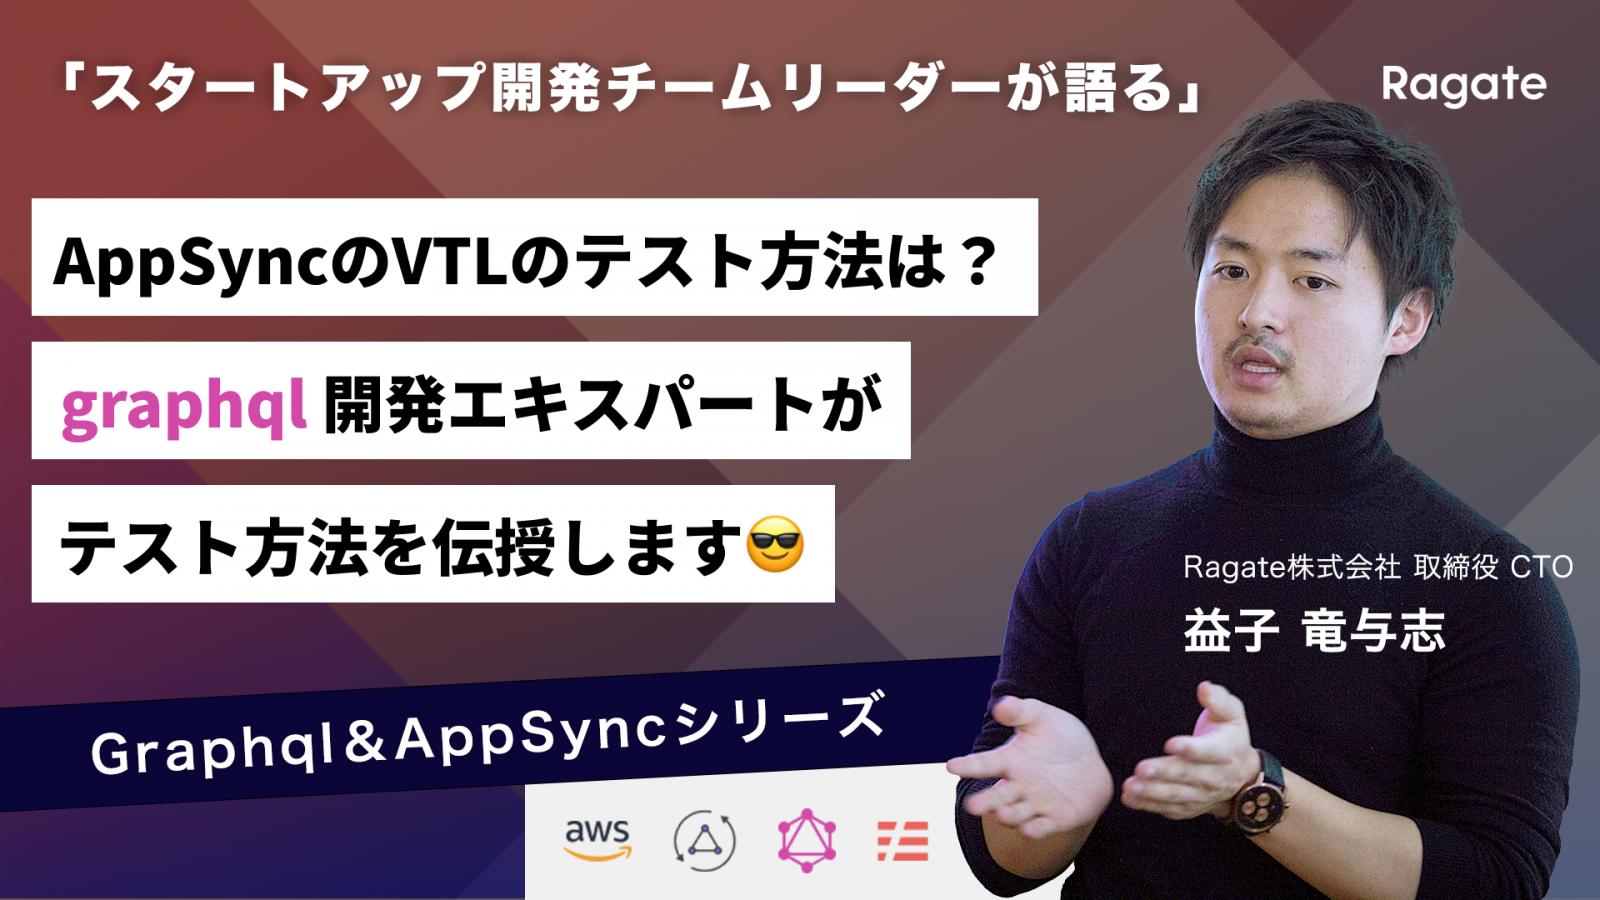 AppSyncのVTLのテスト方法は?graphql開発エキスパートがVTLのテスト方法を伝授します😎